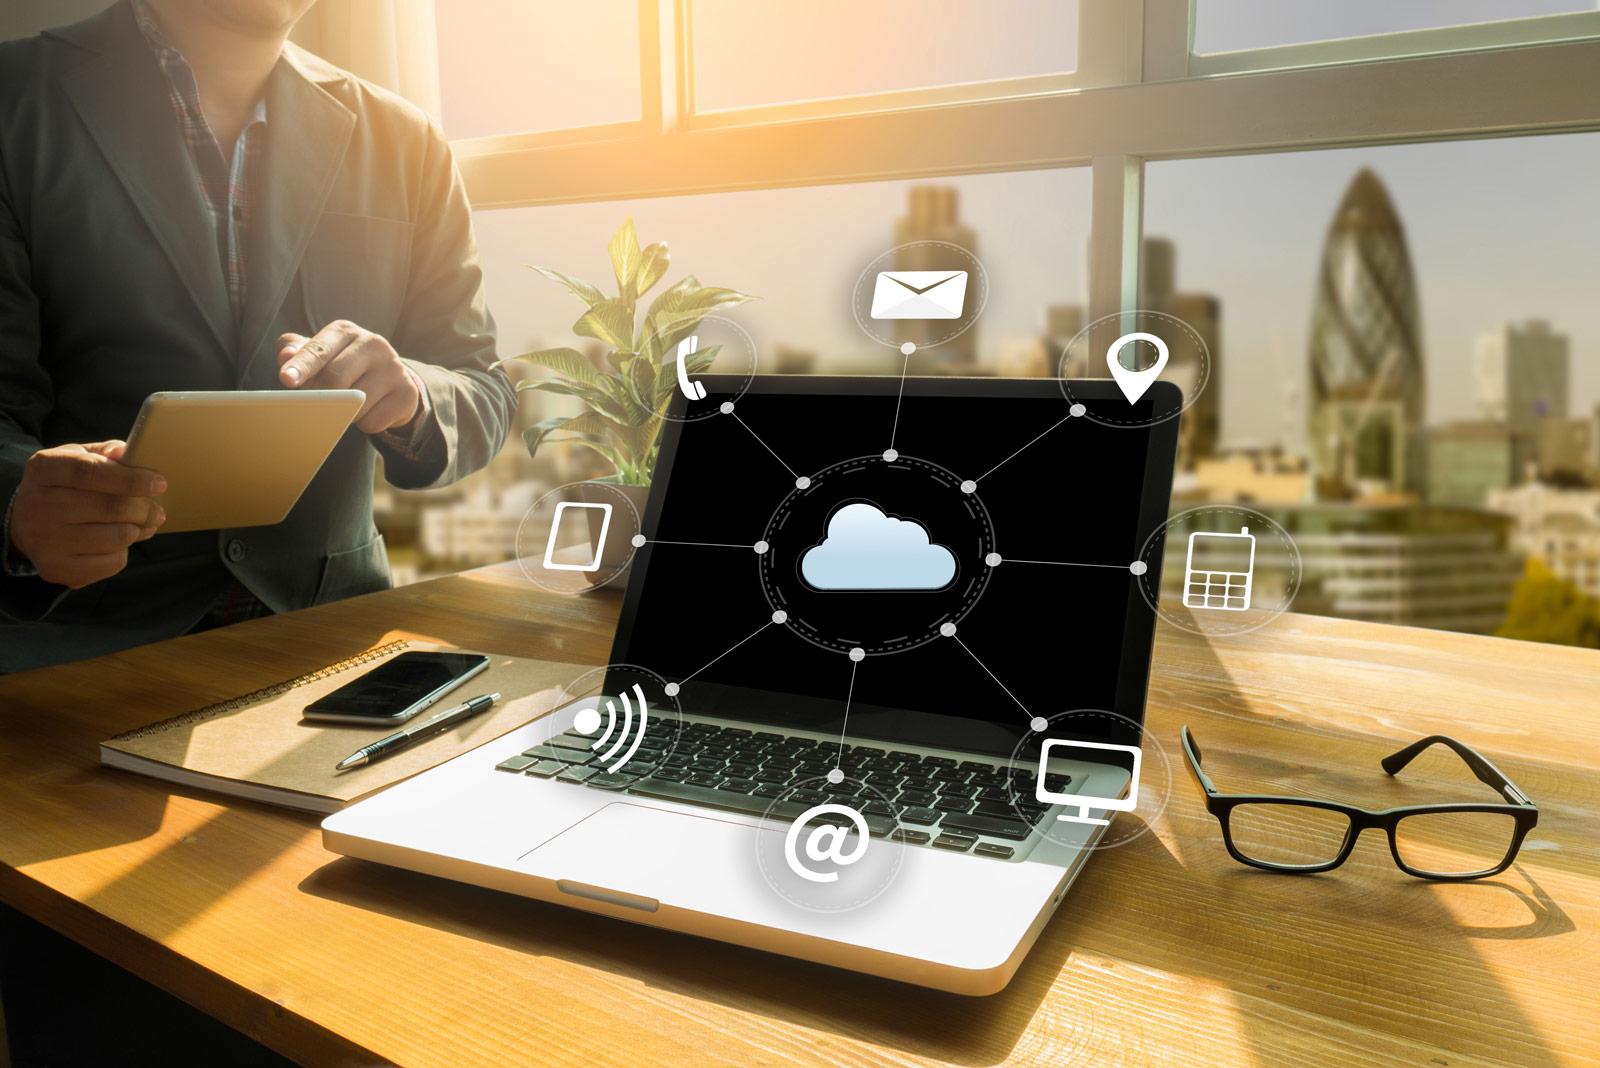 Infrastructure Cloud privé : comment la concevoir ?